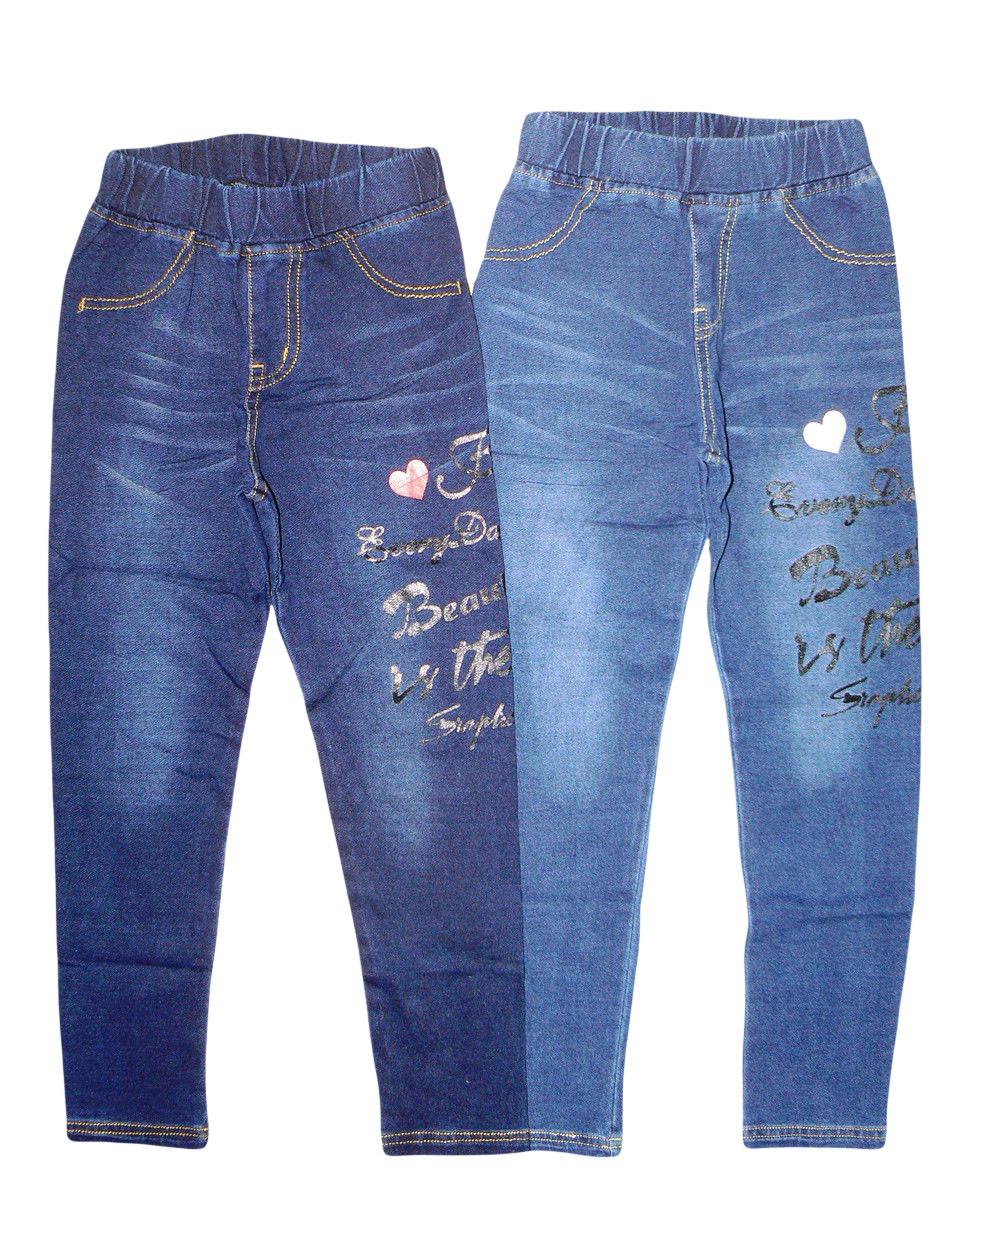 Лосины для девочки под джинс, Grace, размеры 122,  арт. G-60584